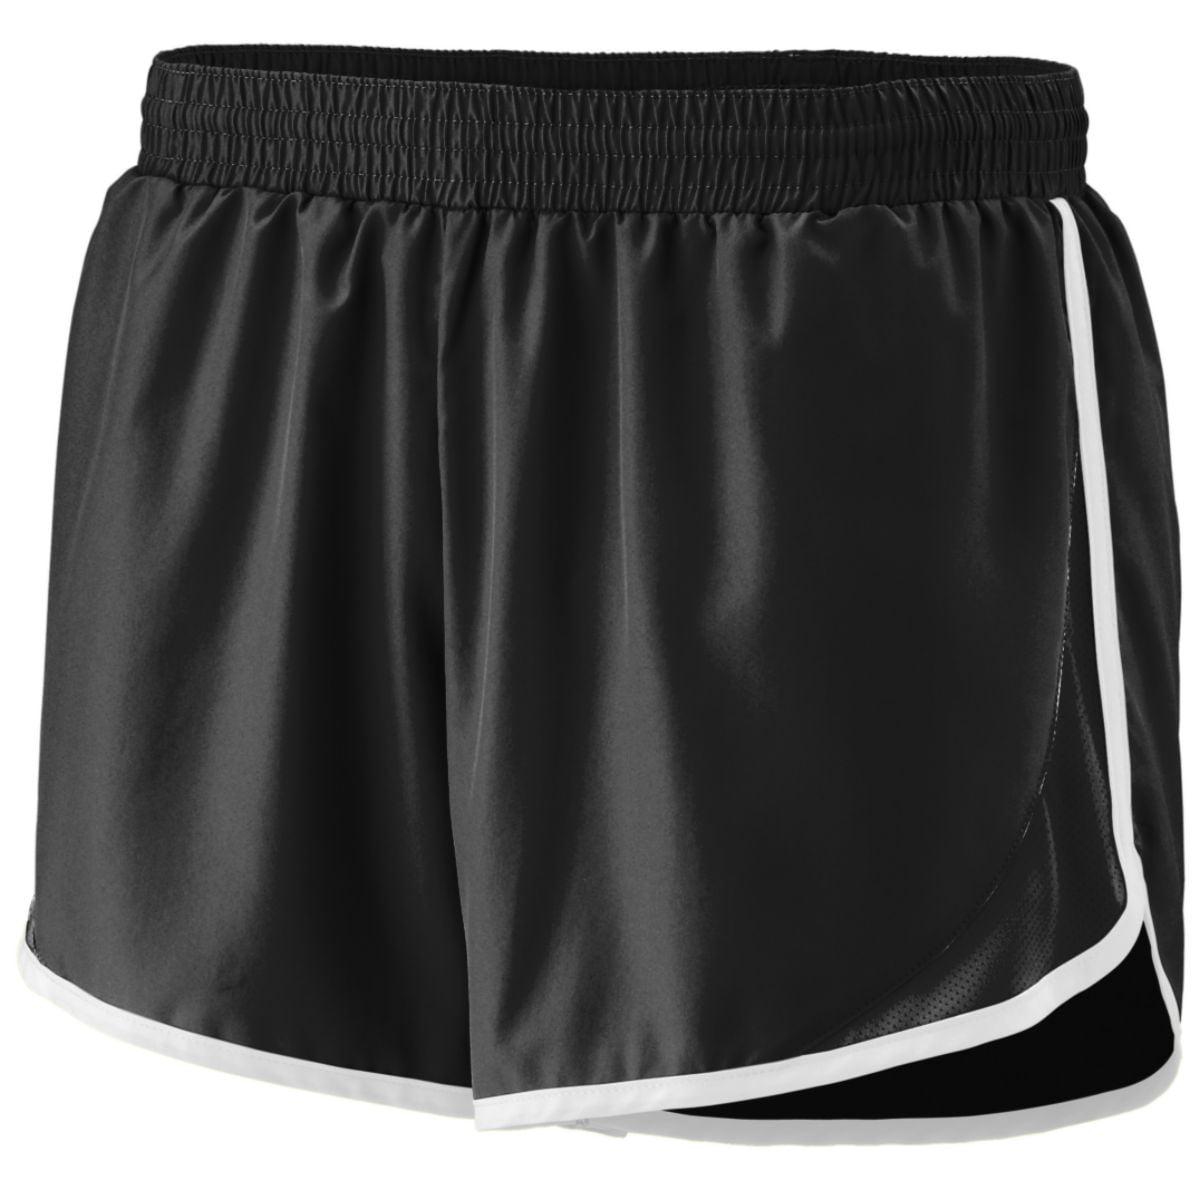 Augusta Sportswear Women's Junior Fit Adrenaline Short M Black Black White by Augusta